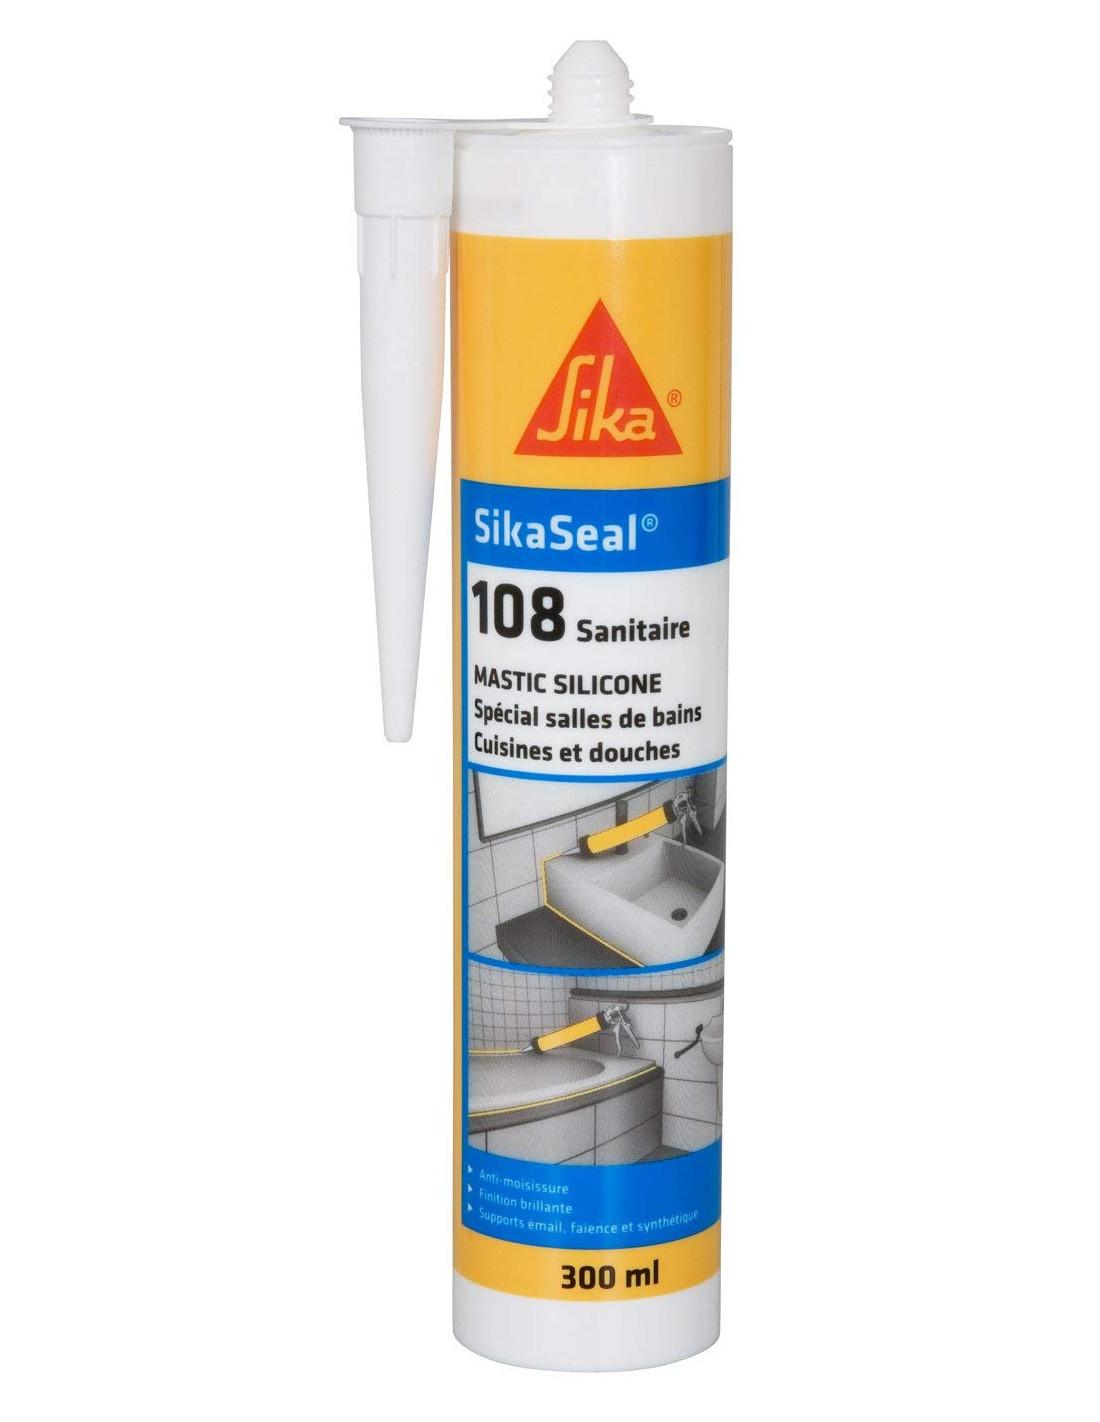 Sika sikaseal 108 sanitaire mastic silicone anti - Anti moisissure salle de bain ...